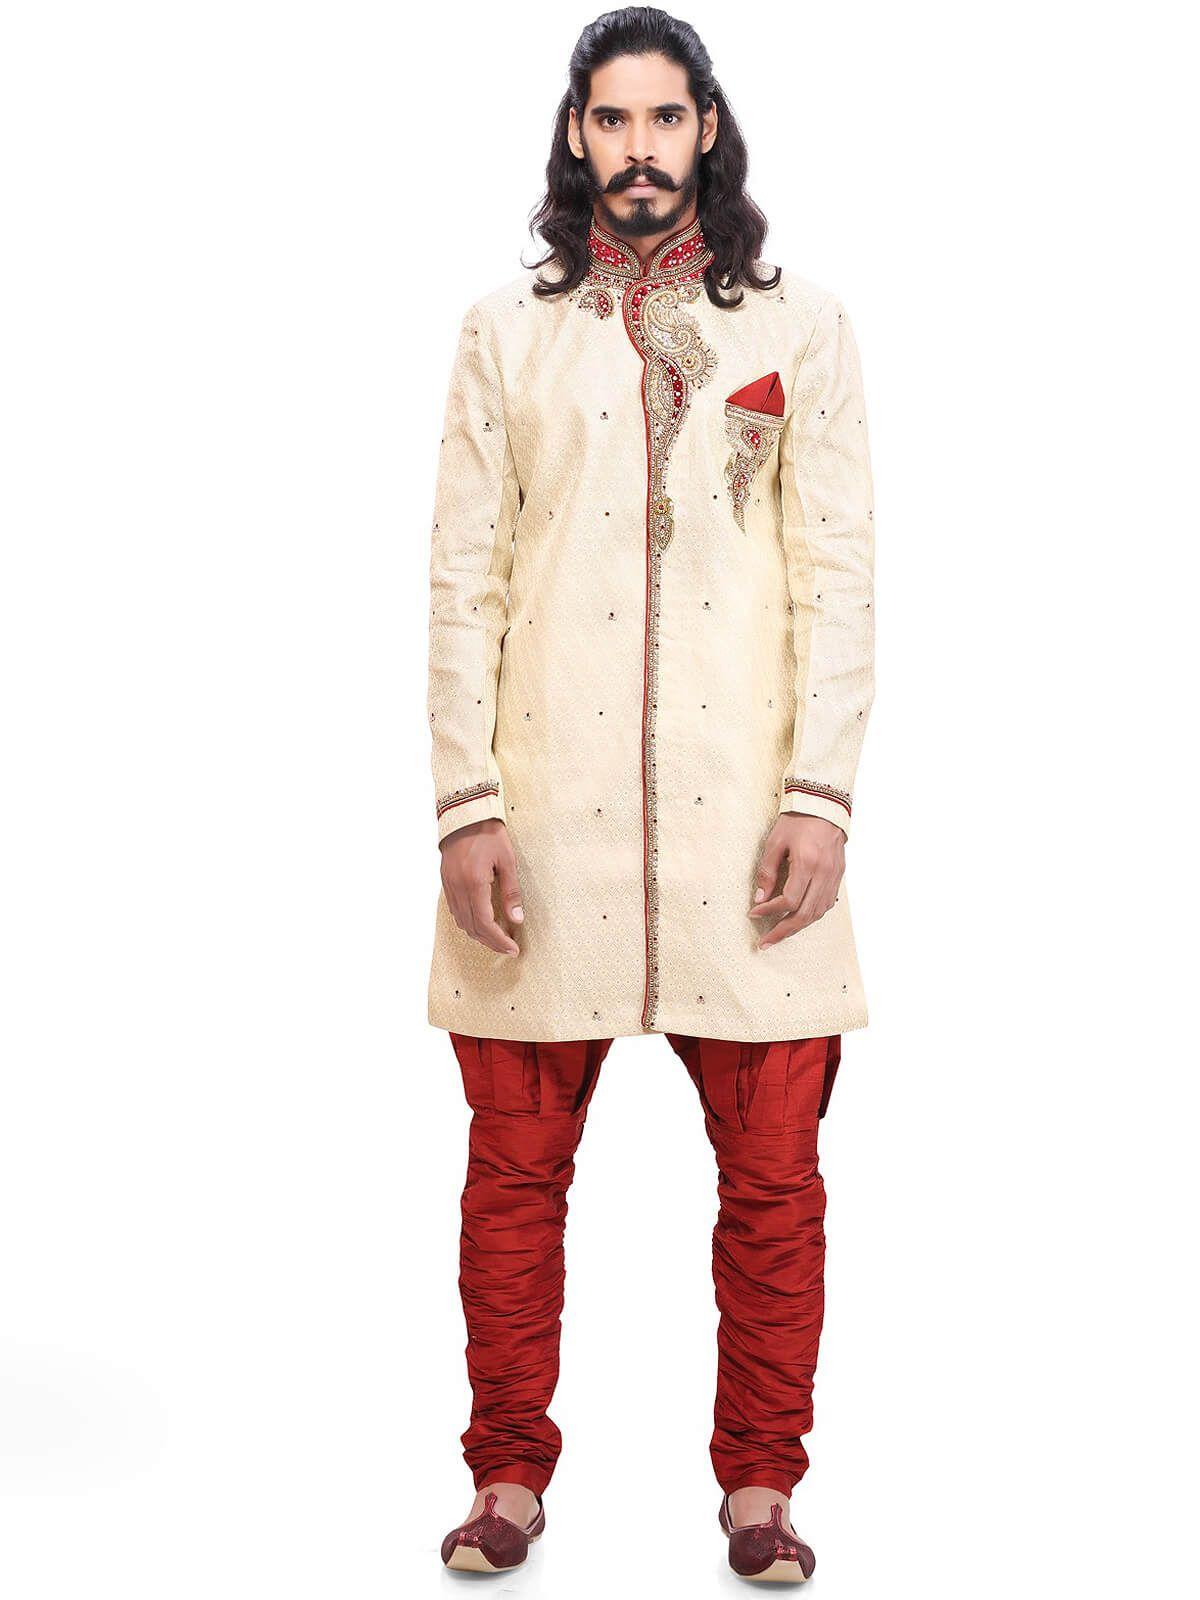 Ravishing red and cream wedding wear brocade kurta pyajama having